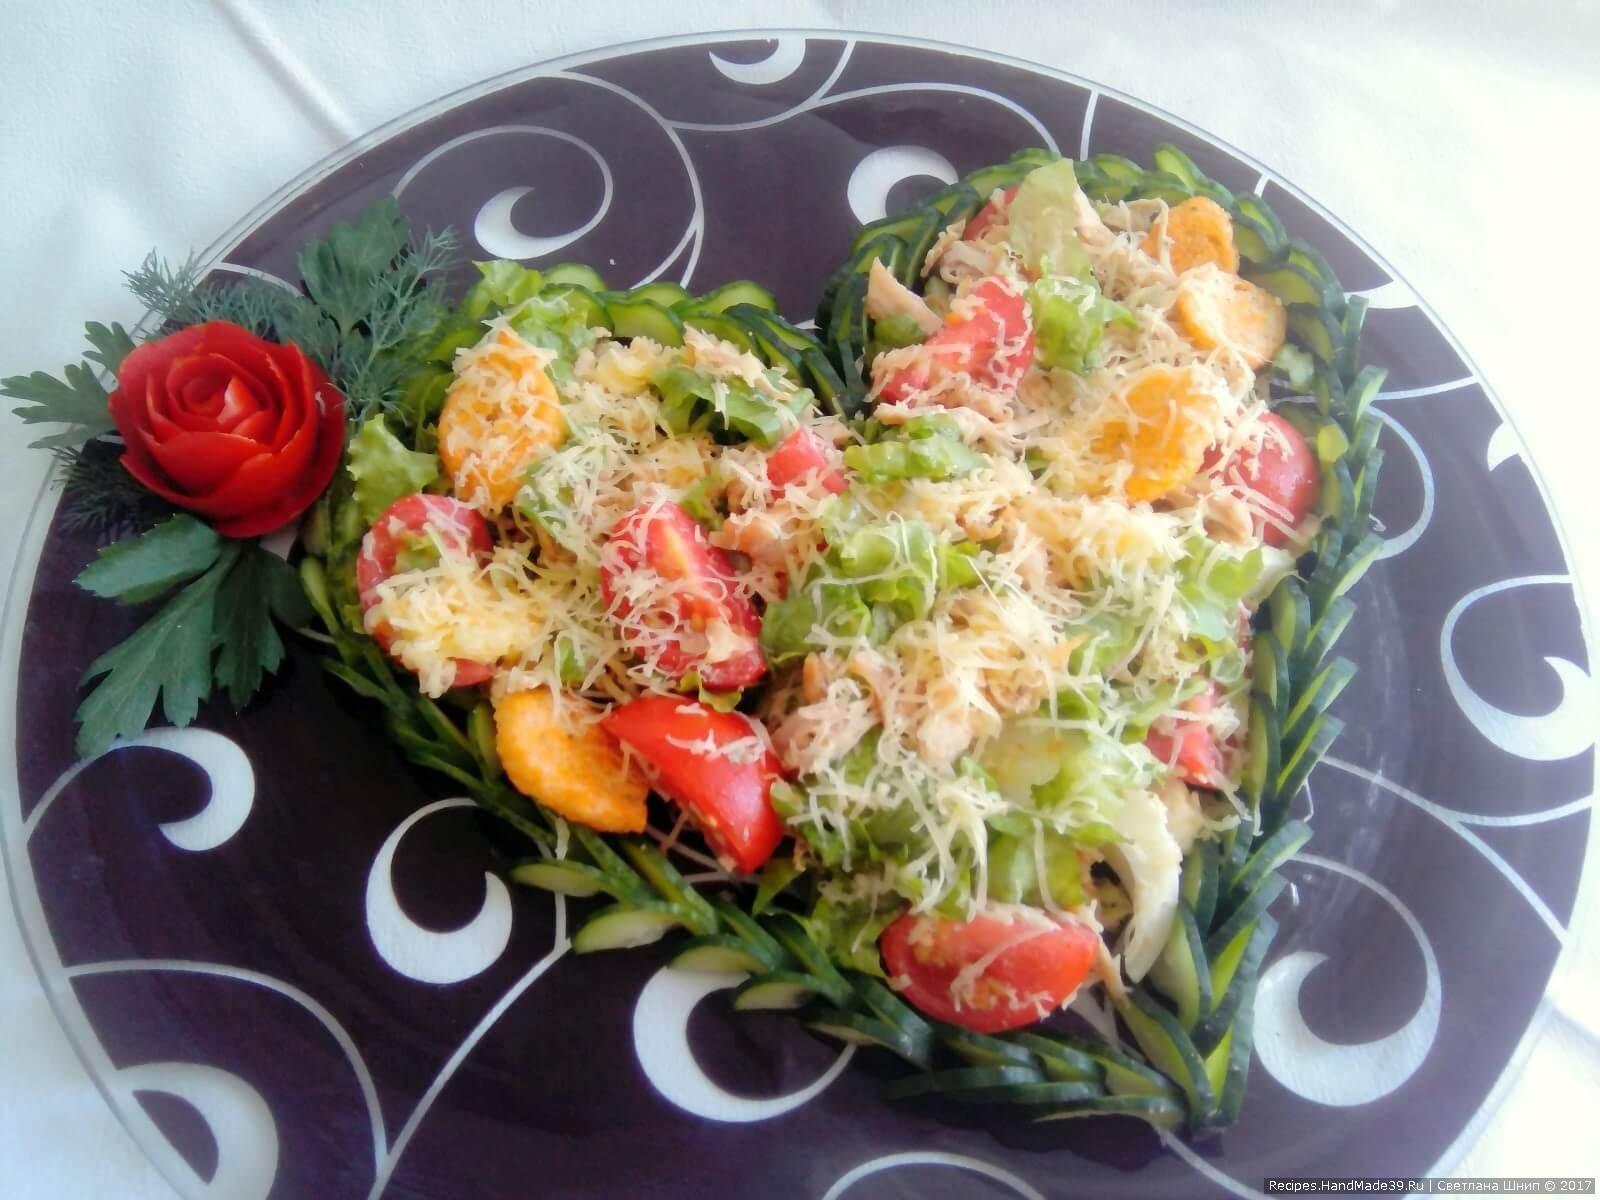 Аккуратно выложить салат внутри сердечка. Приятного аппетита!